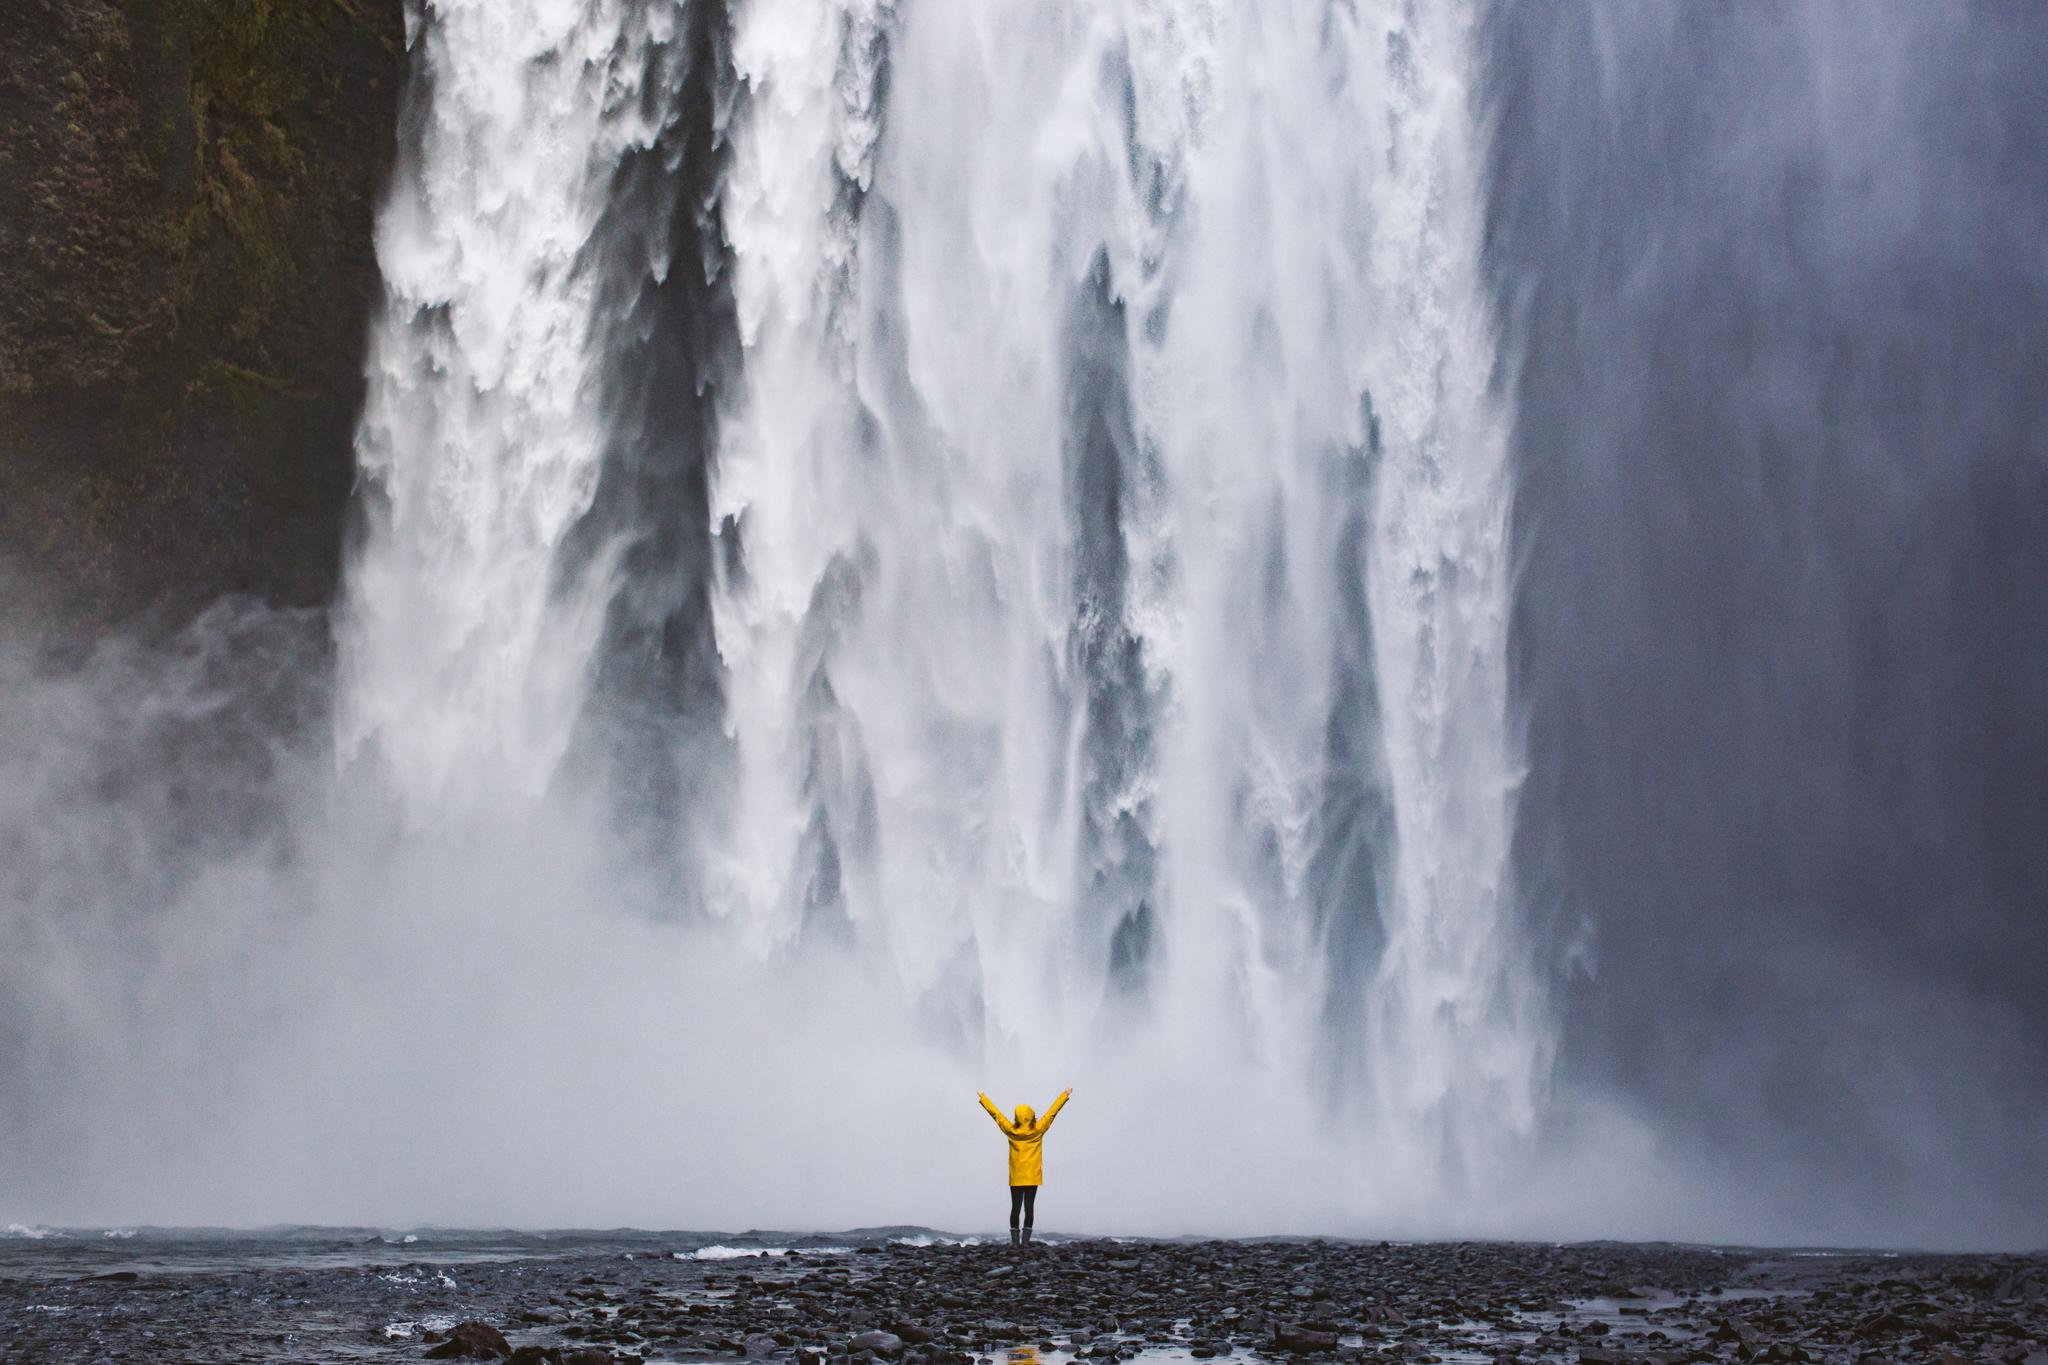 Iceland_BEC 081 [Image by Jarrad Seng].jpg